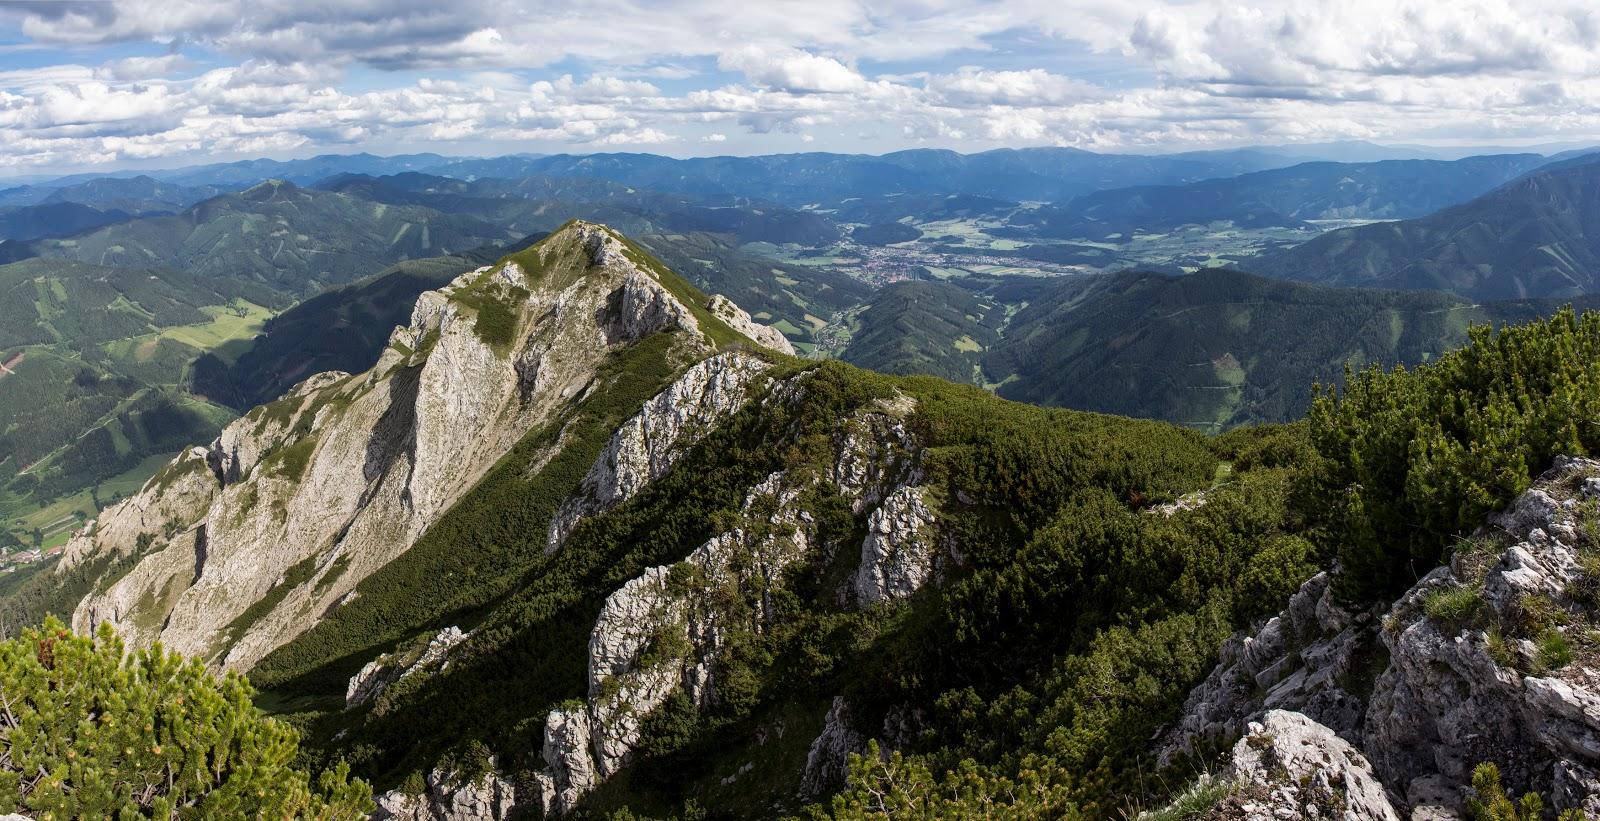 Zweitätige Rundwanderung von der Hirnalm über den Grete Klinger Steig zum Reichenstein und über Krumpenhals und Krumpensee wieder zurück zur Hirnalm - Blick ins Vordernberger Tal